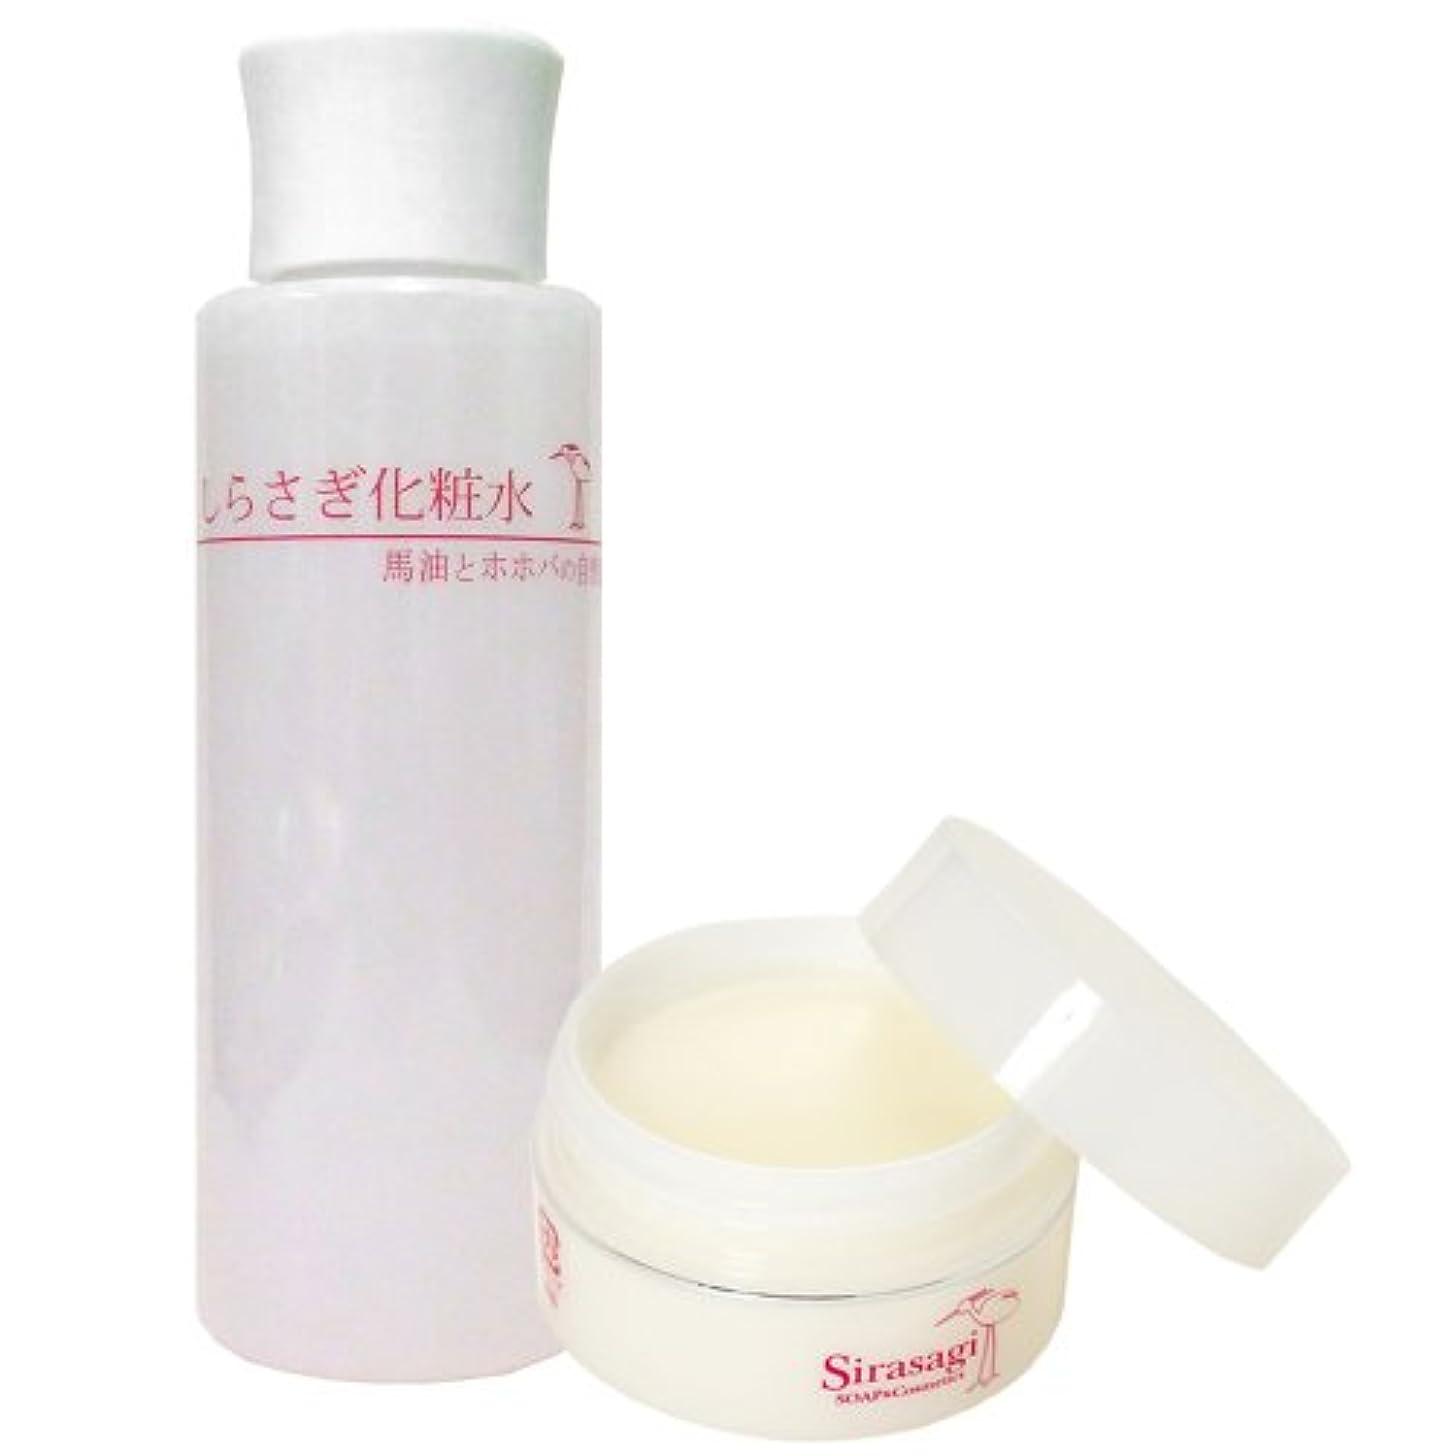 土器抗議スロベニアしらさぎクリーム(ラベンダーとローズウッドの香り)としらさぎ化粧水のセット